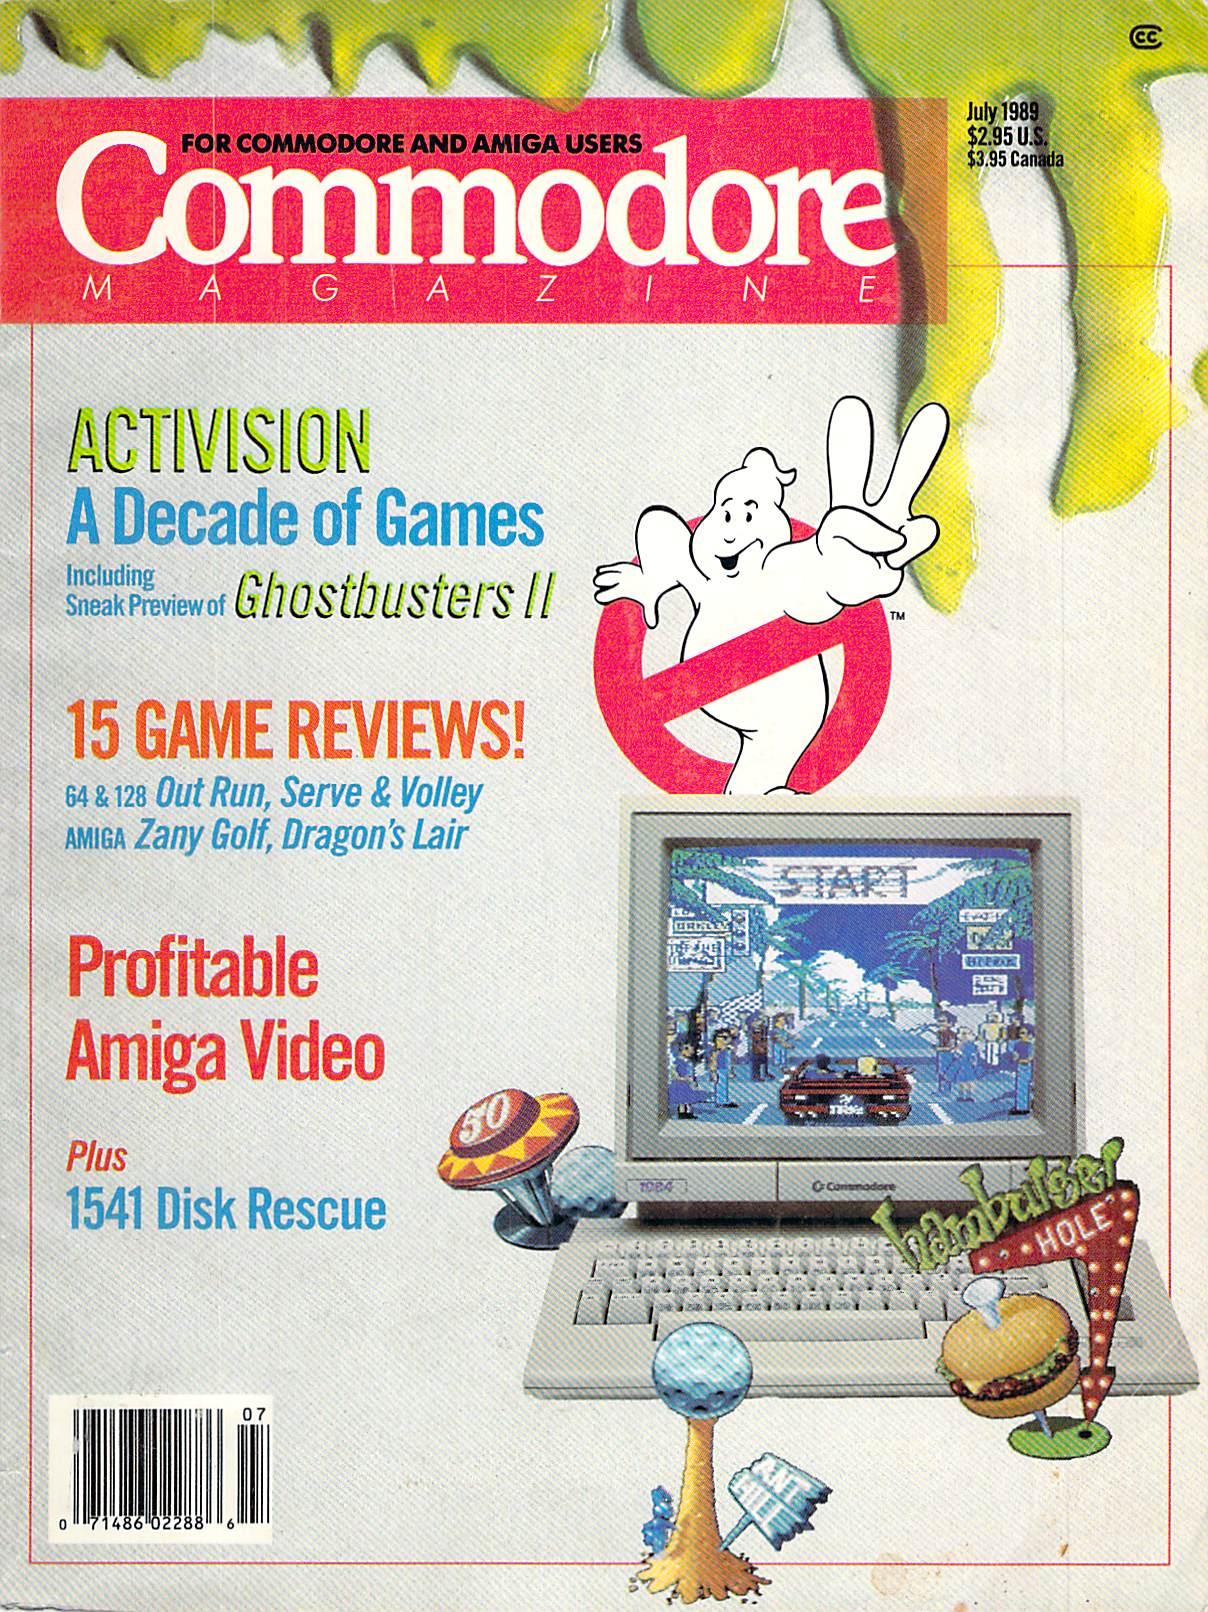 commodore_magazine_vol-10-n07_1989_jul-001